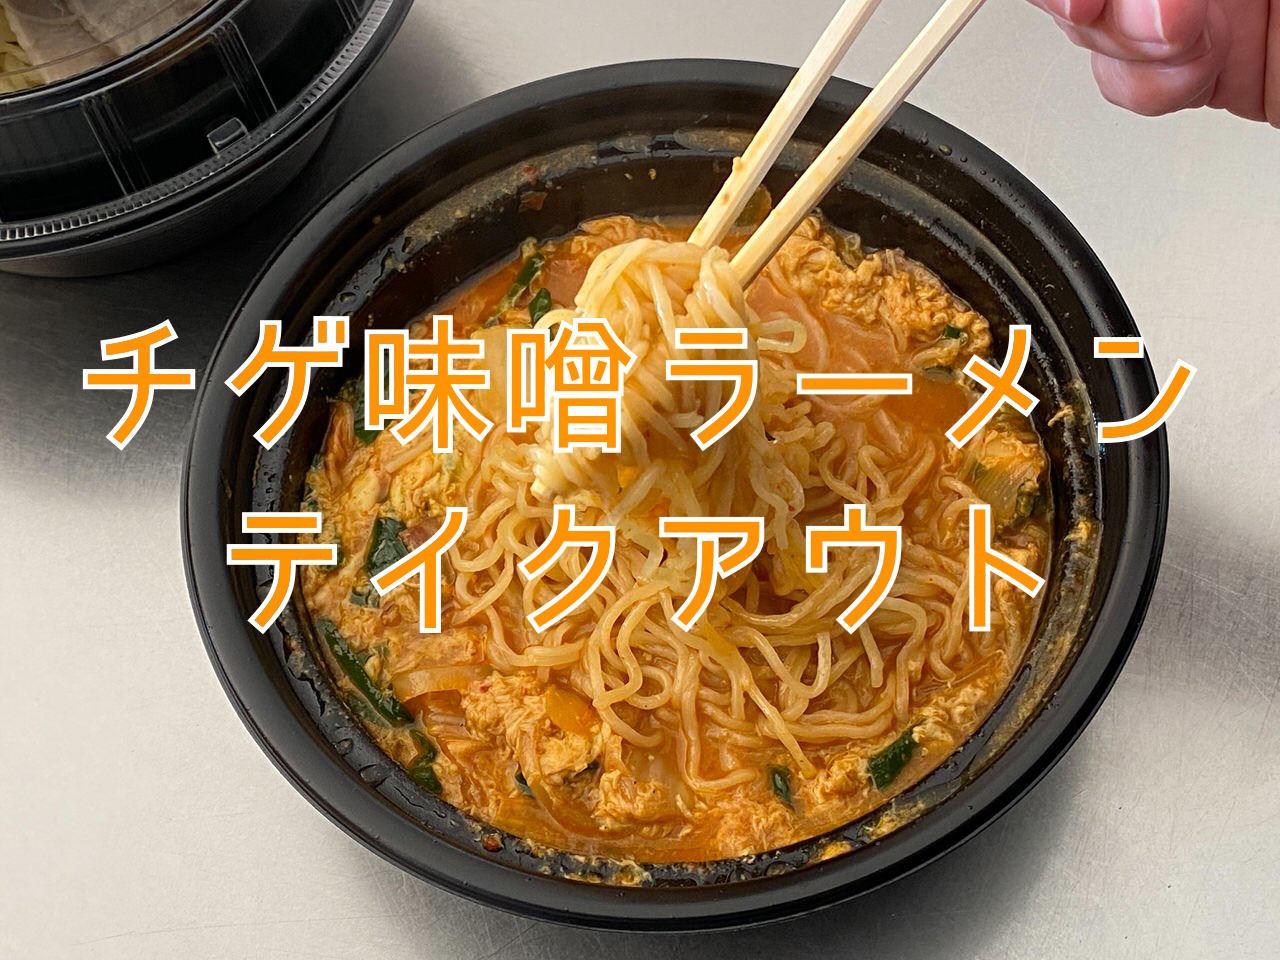 日高屋「チゲ味噌ラーメン」テイクアウト 11 title 1